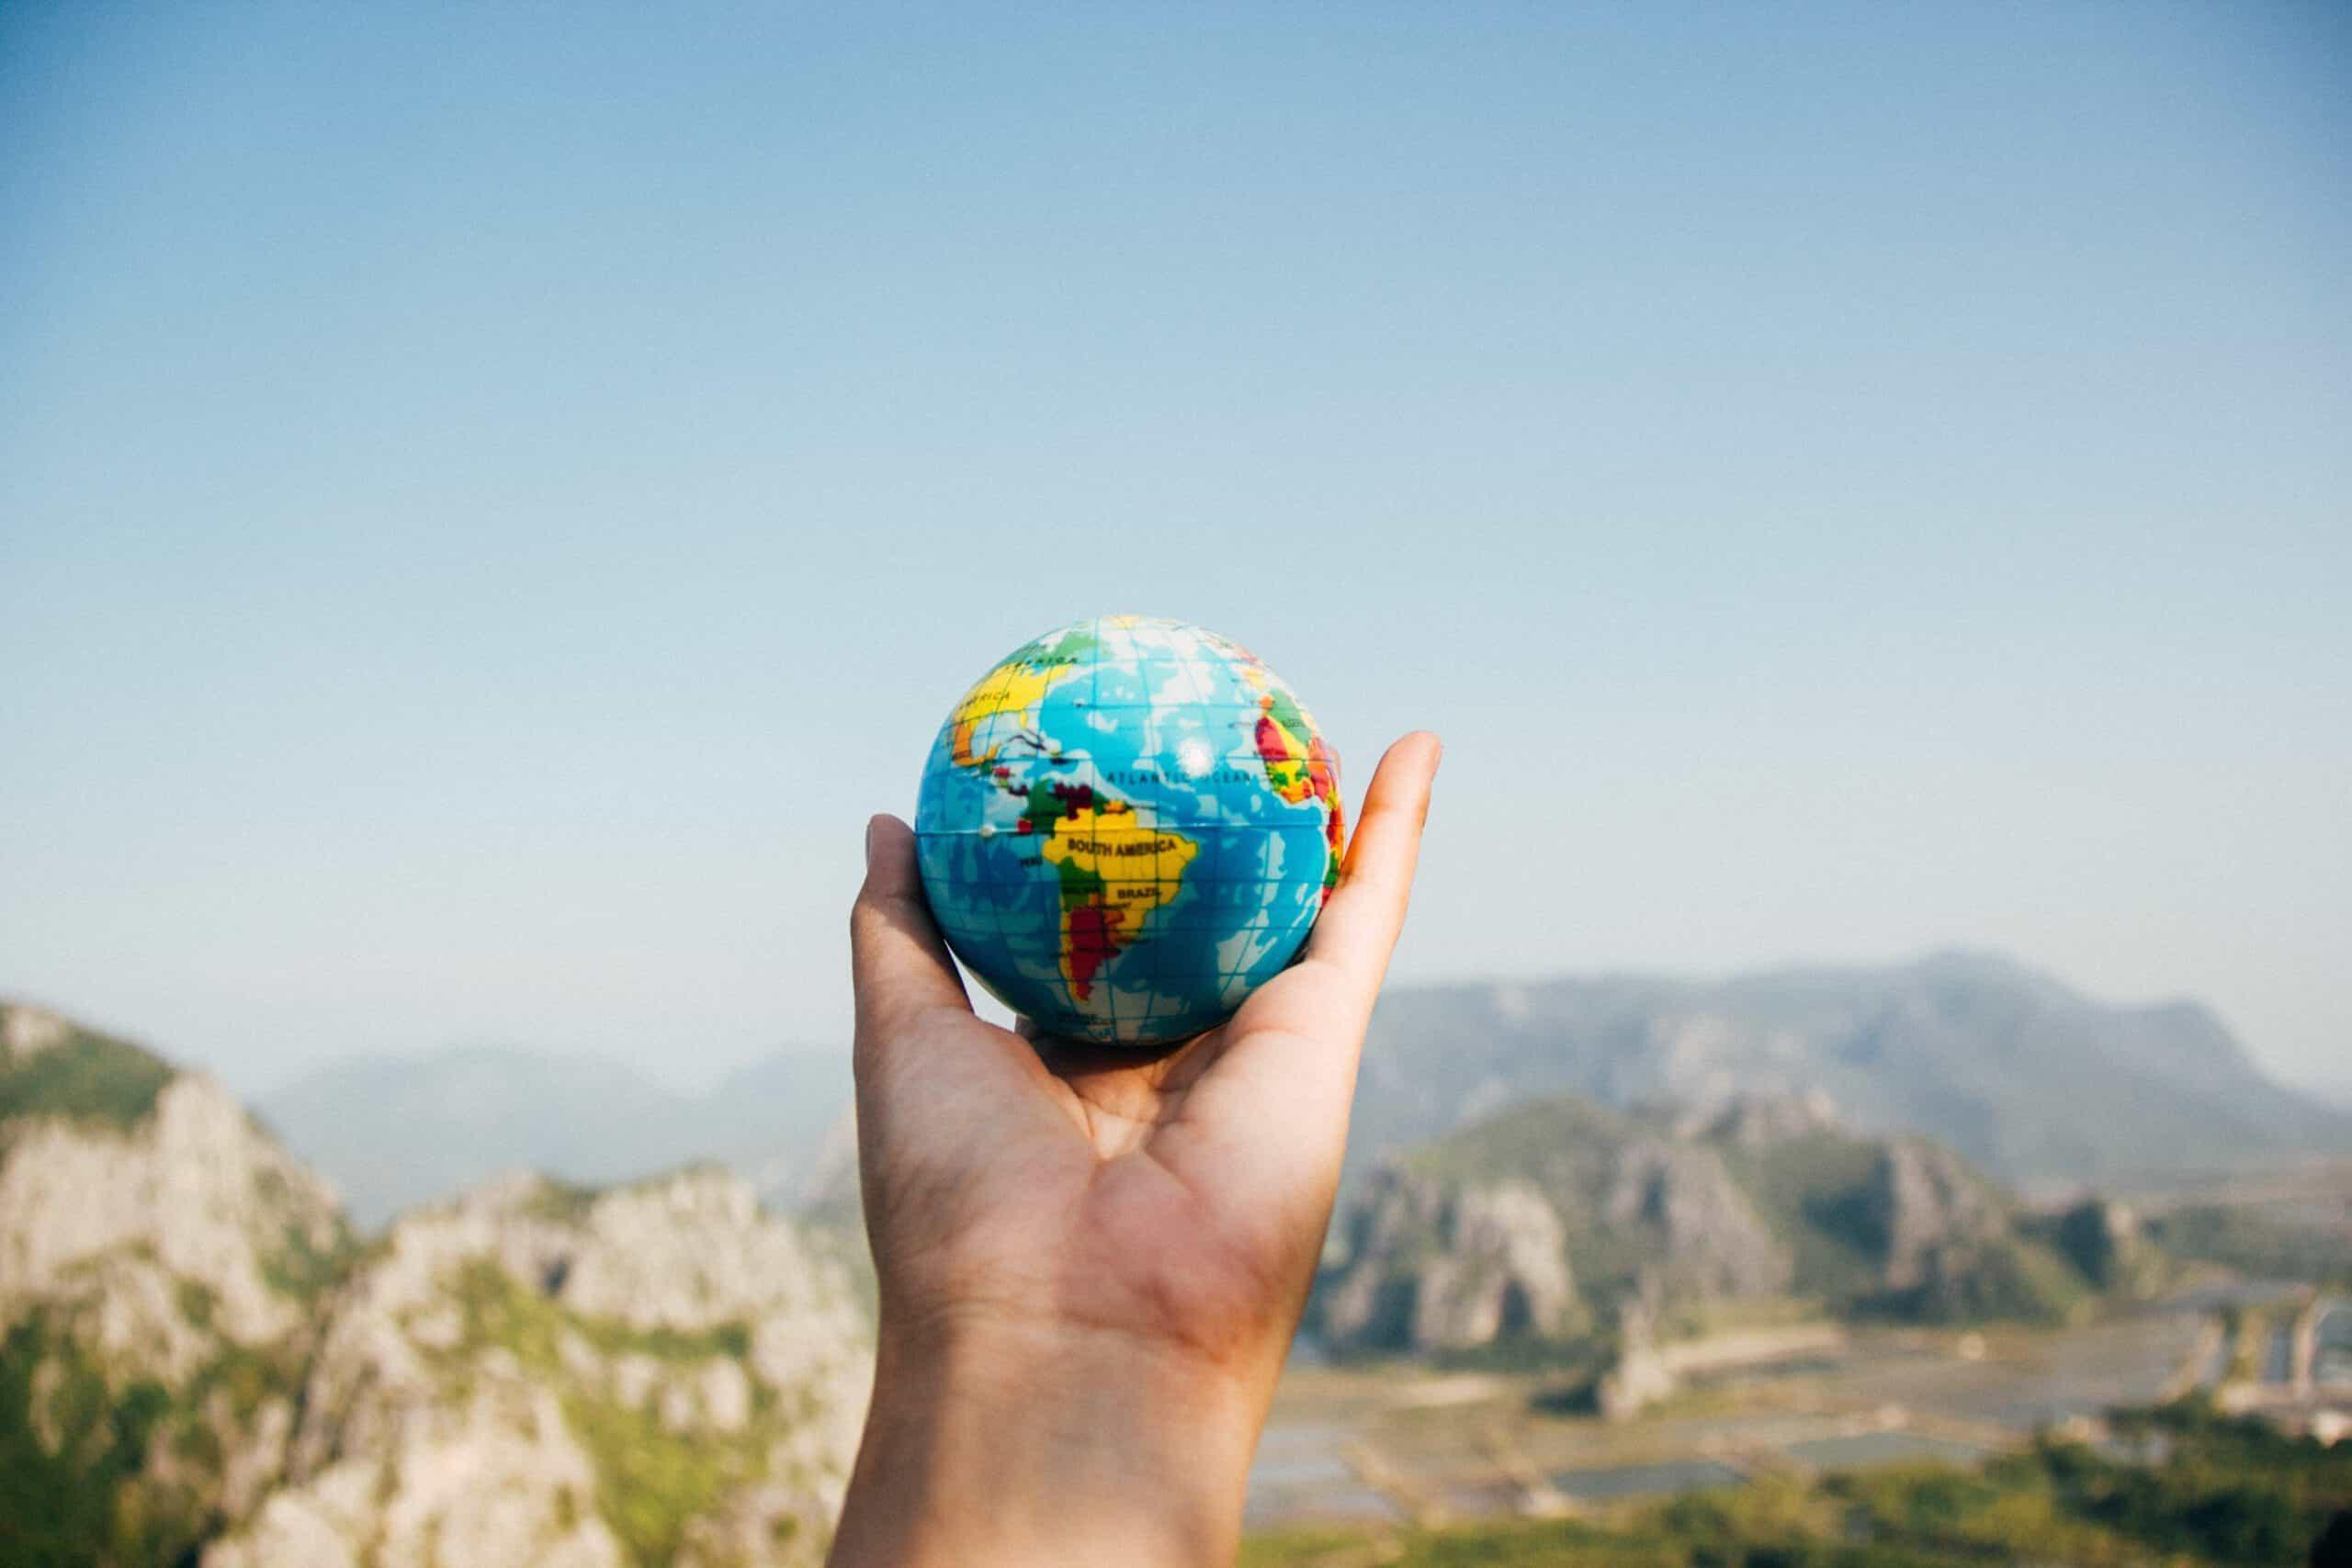 Ethisch-ökologisch-soziale ETFs